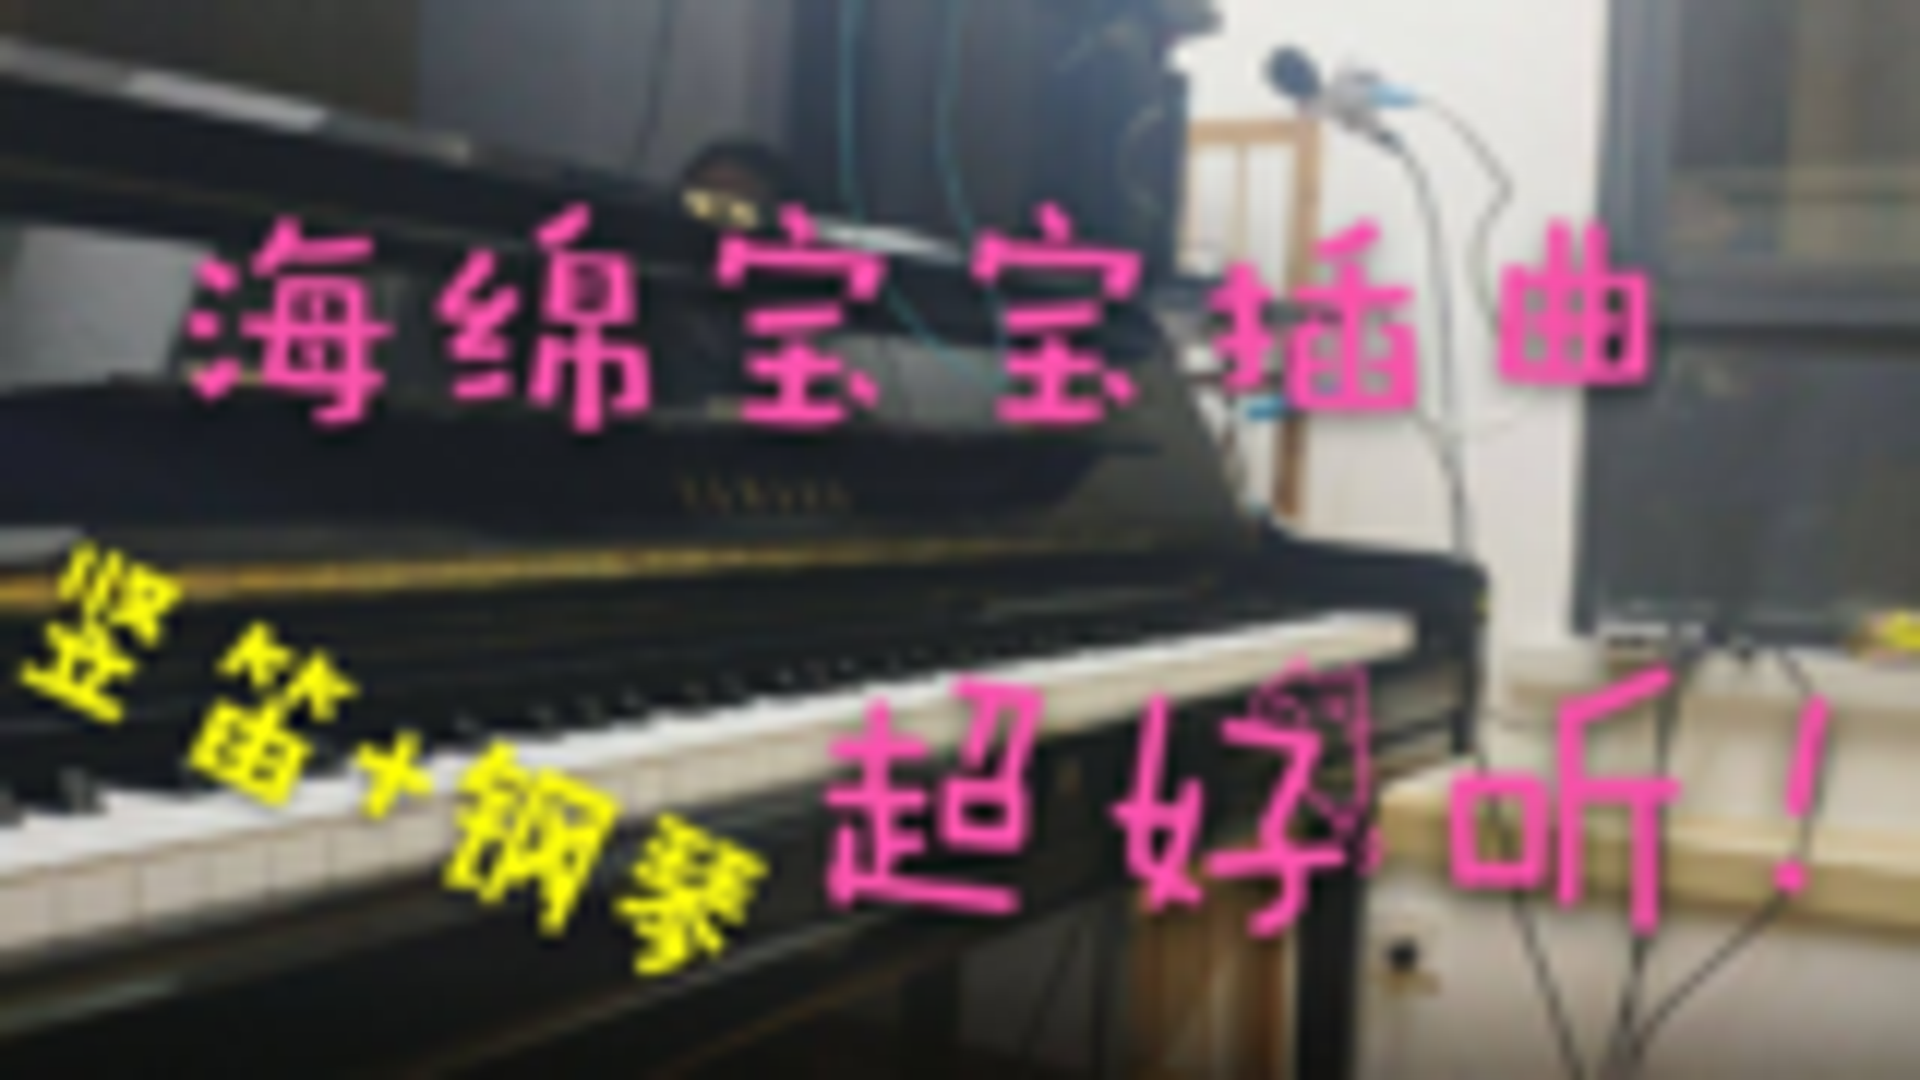 【钢琴+竖笛】海绵宝宝沙雕插曲 好沙雕啊哈哈哈哈哈哈哈哈哈哈哈哈好菜